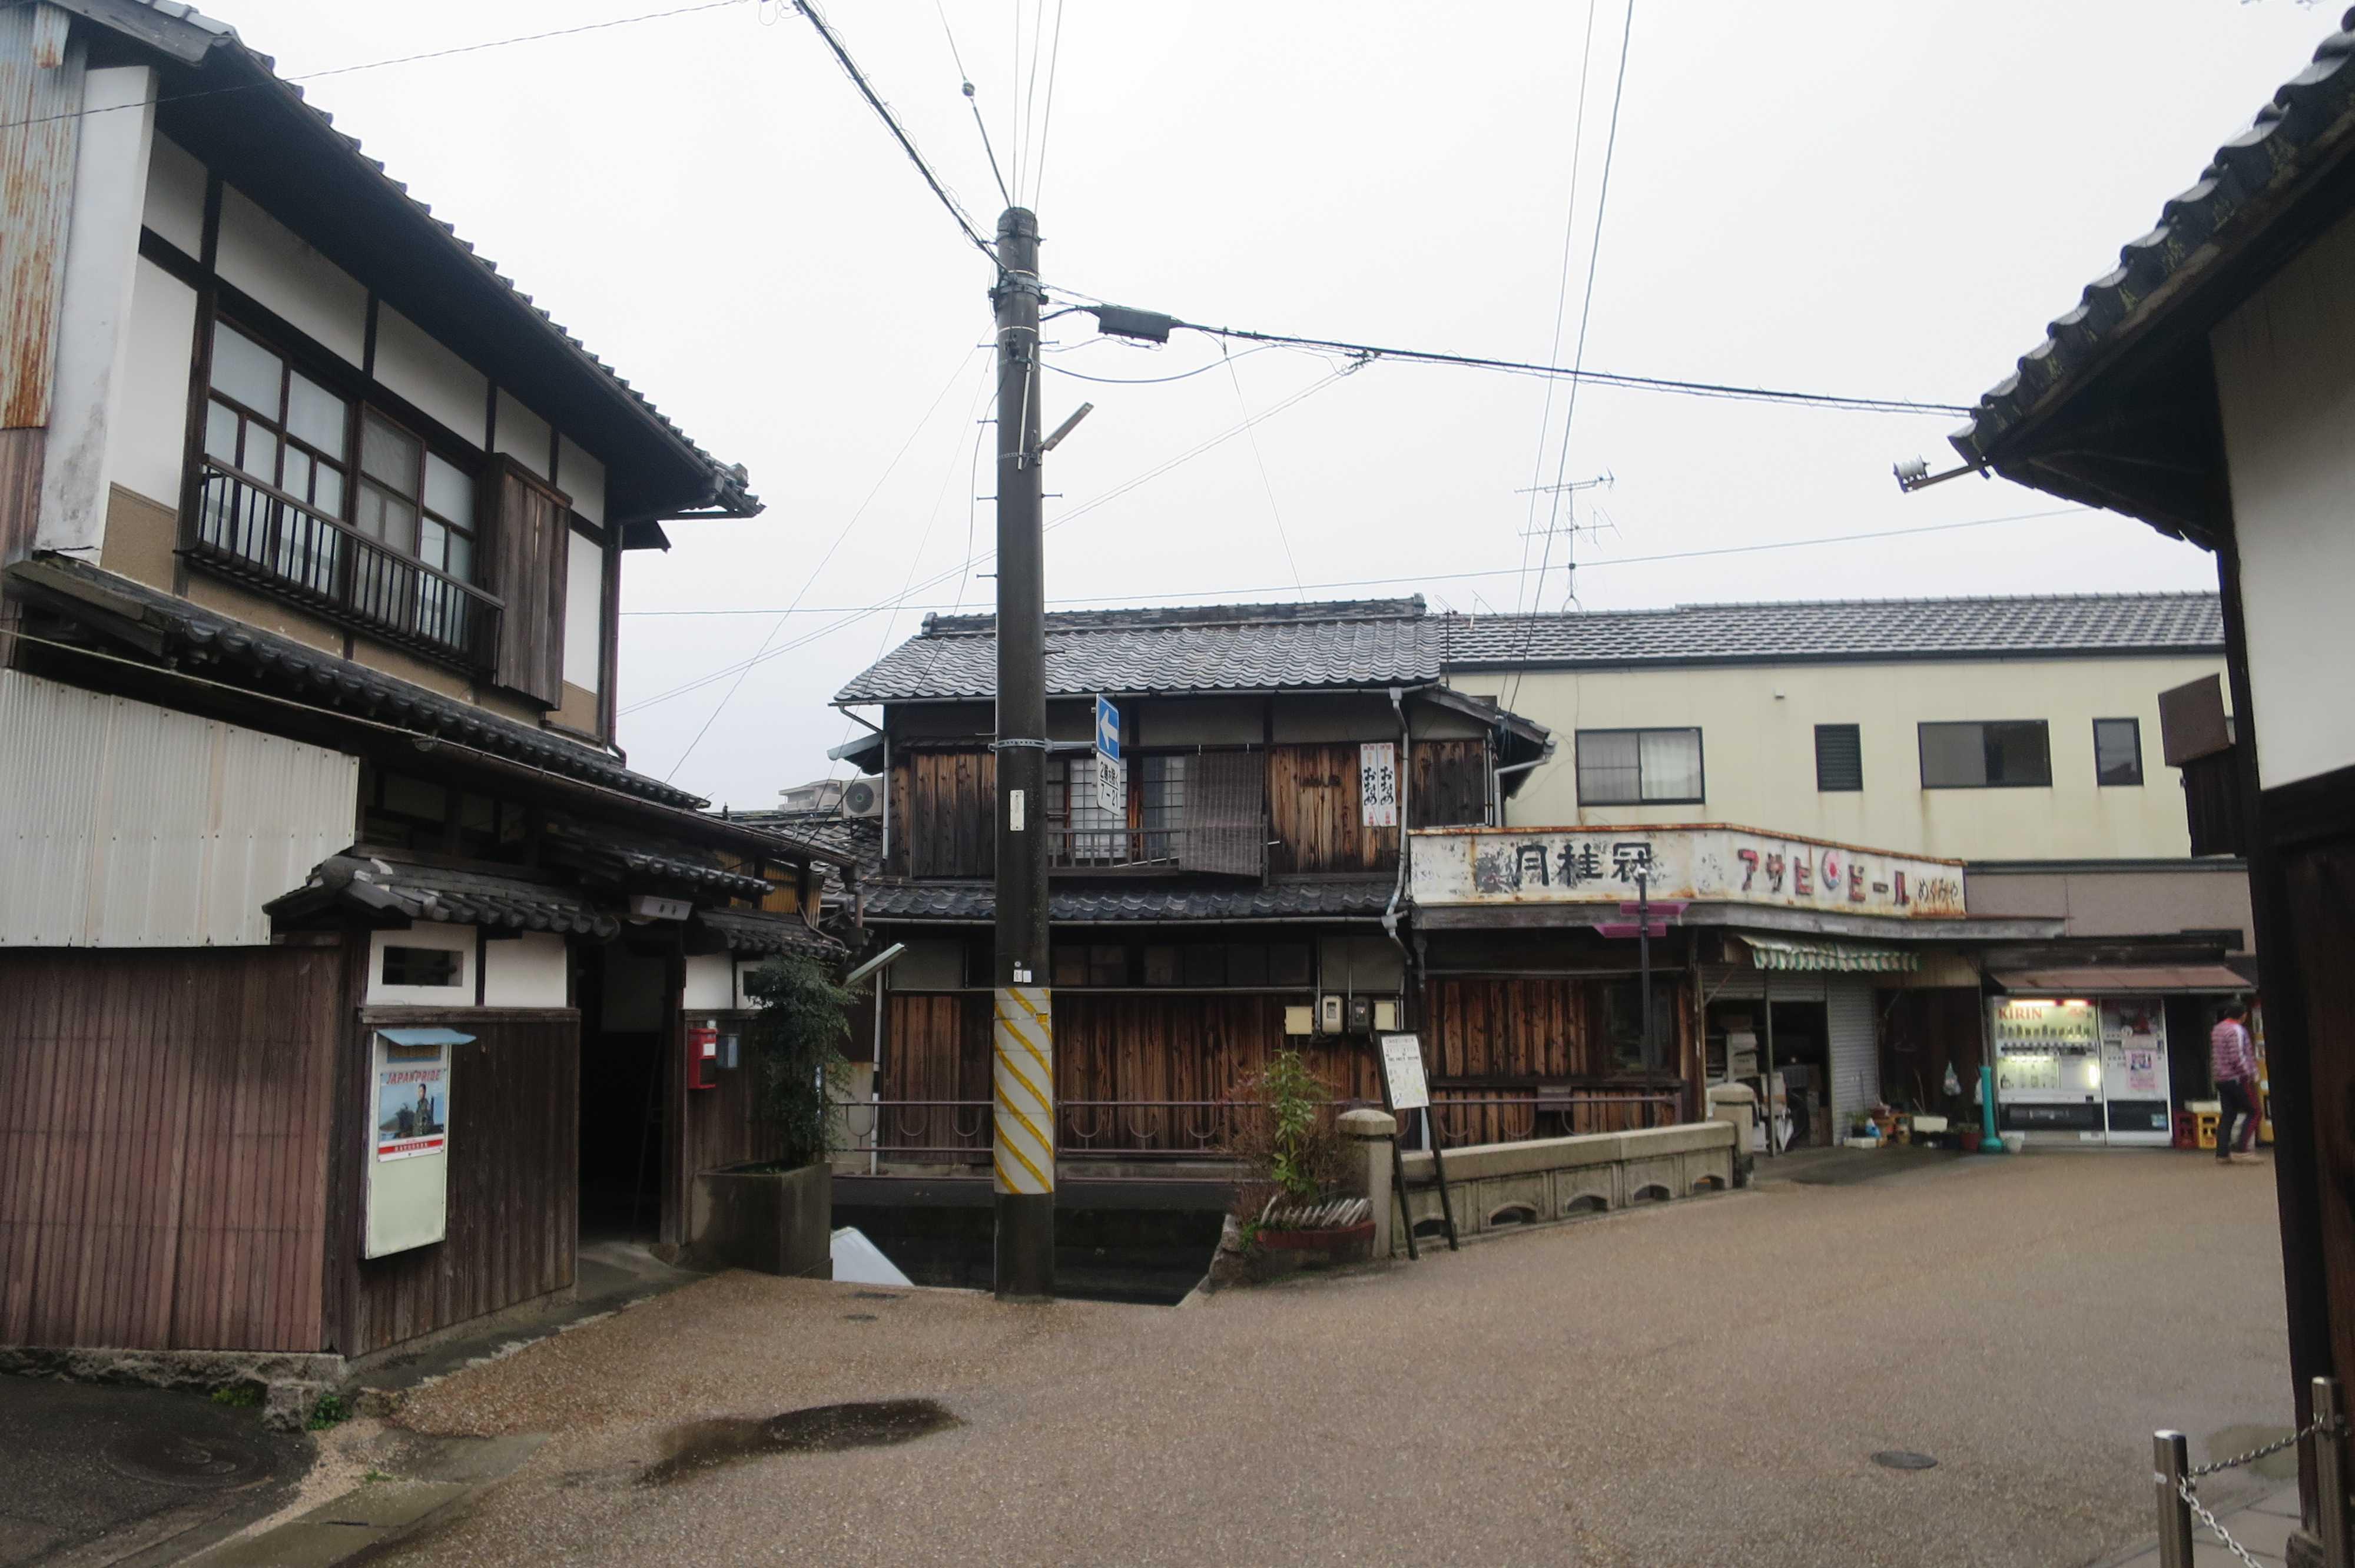 西大寺の古い町並み